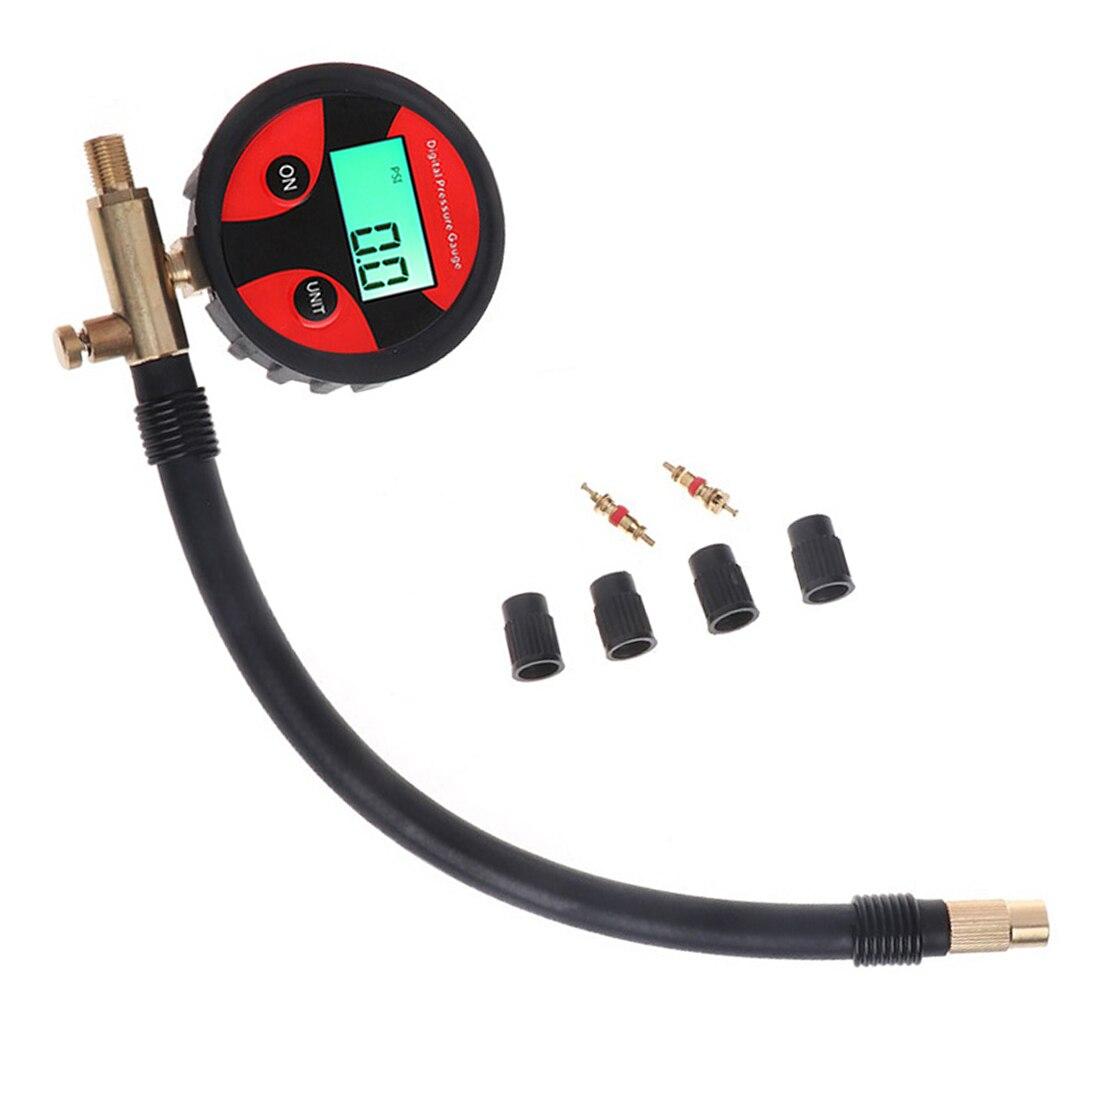 0-200PSI Digital Tyre Tire Air Pressure Gauge LCD Manometer Car Truck Motorbike  Tool